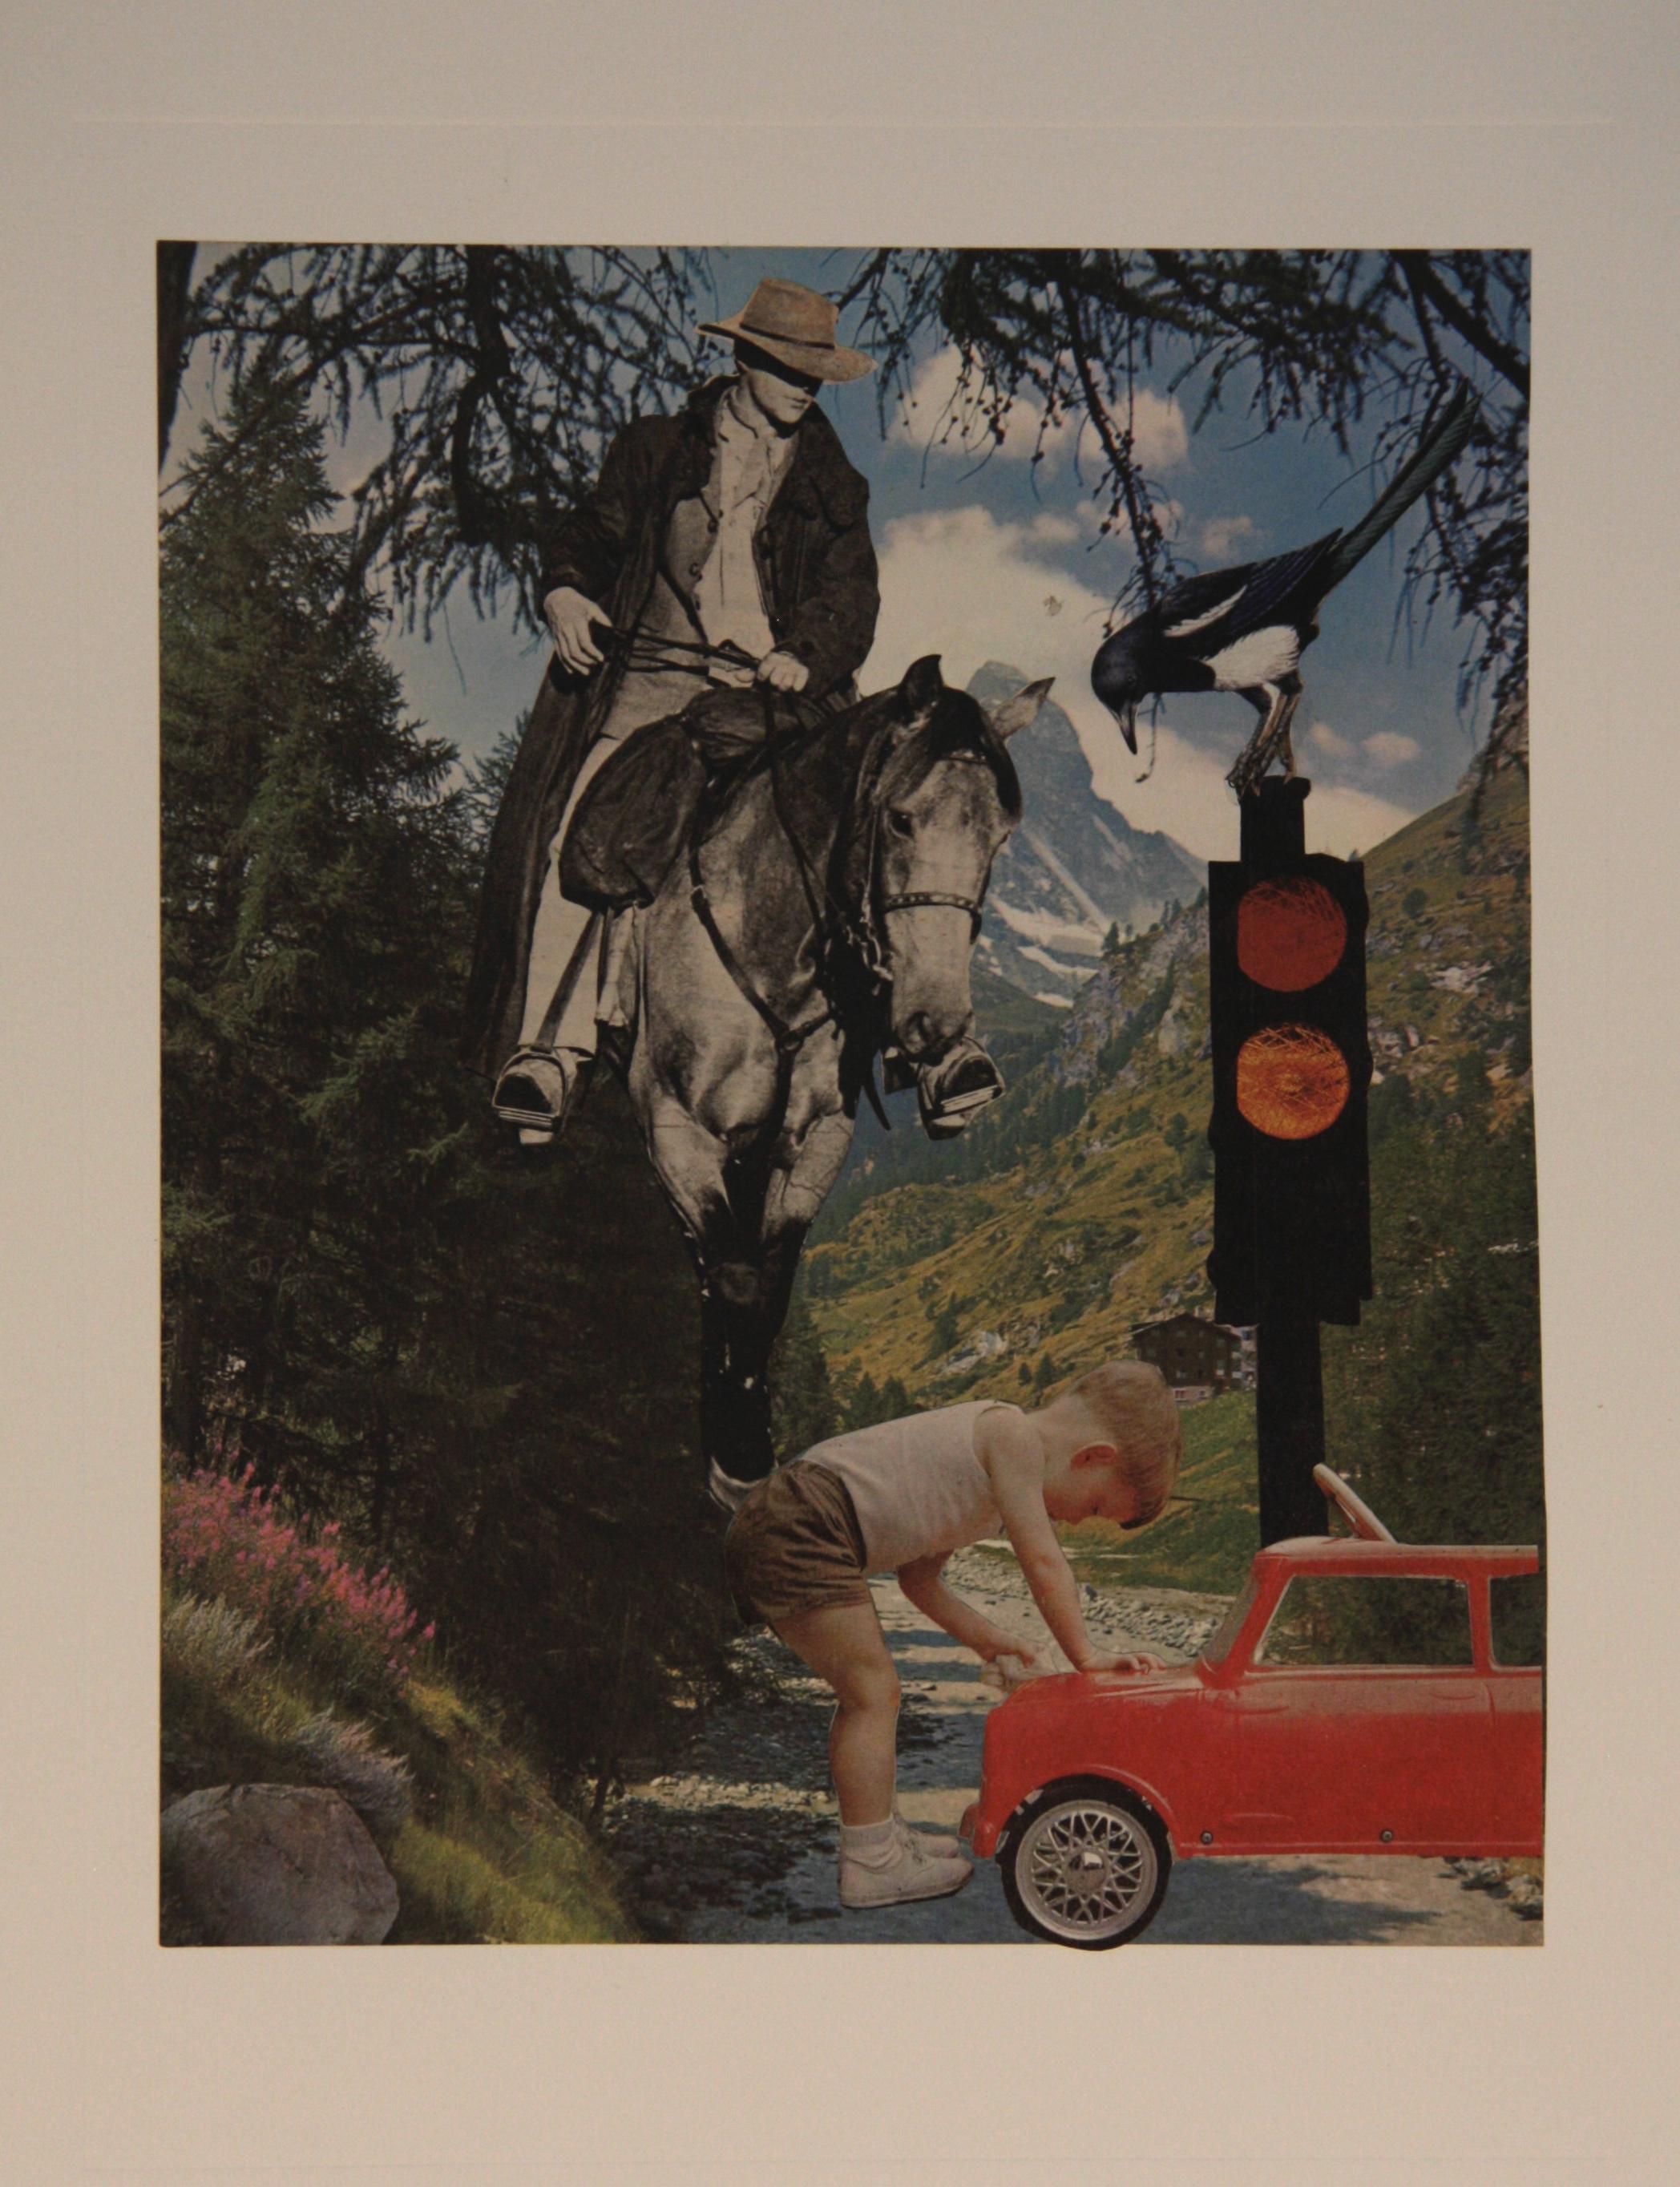 $250 ($300 framed) 48x38cm